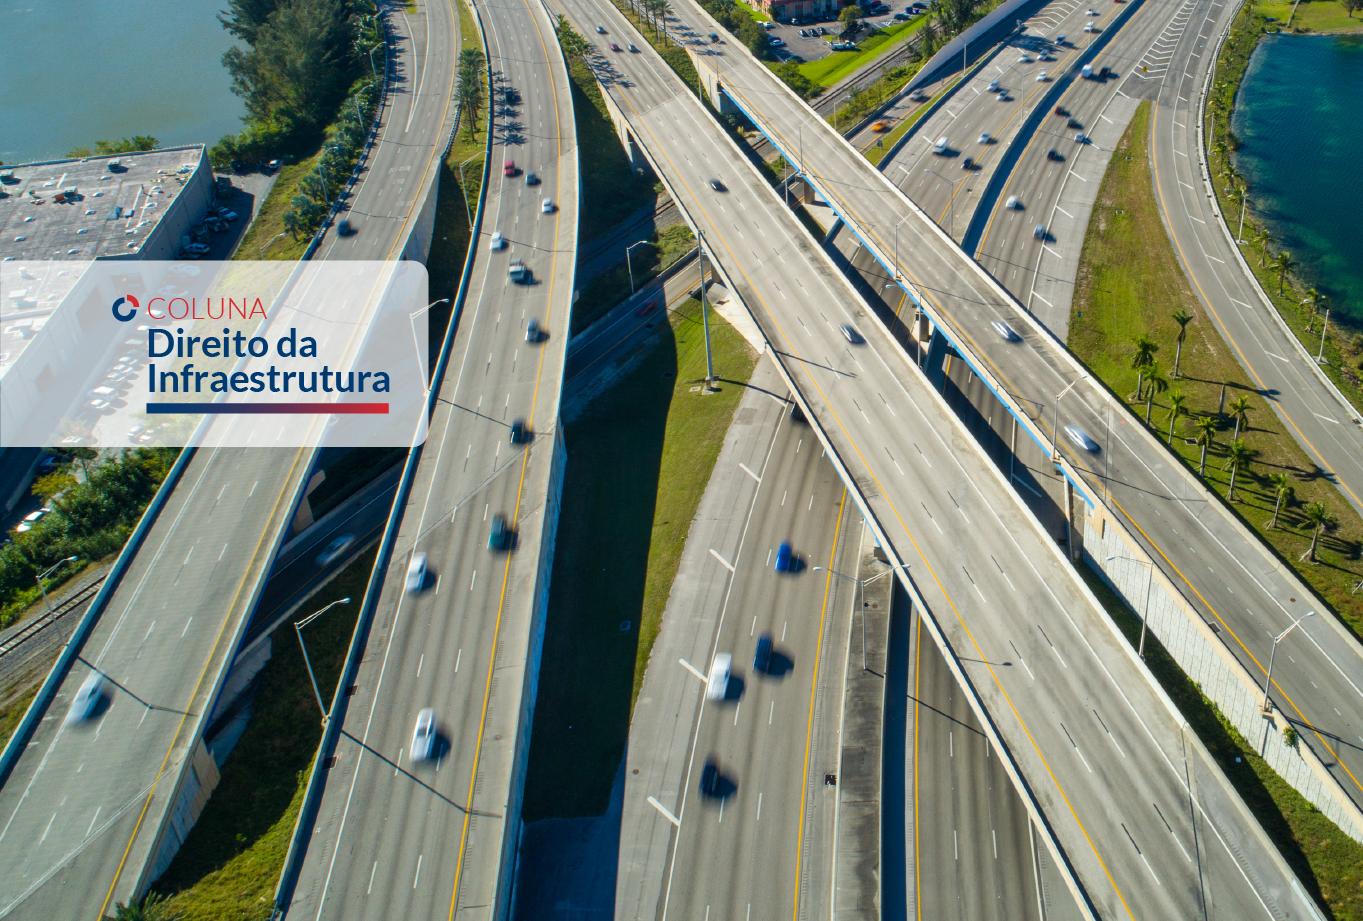 Desafios regulatórios ao Hold-up problem nas Concessões de Rodovias  | Coluna Direito da Infraestrutura